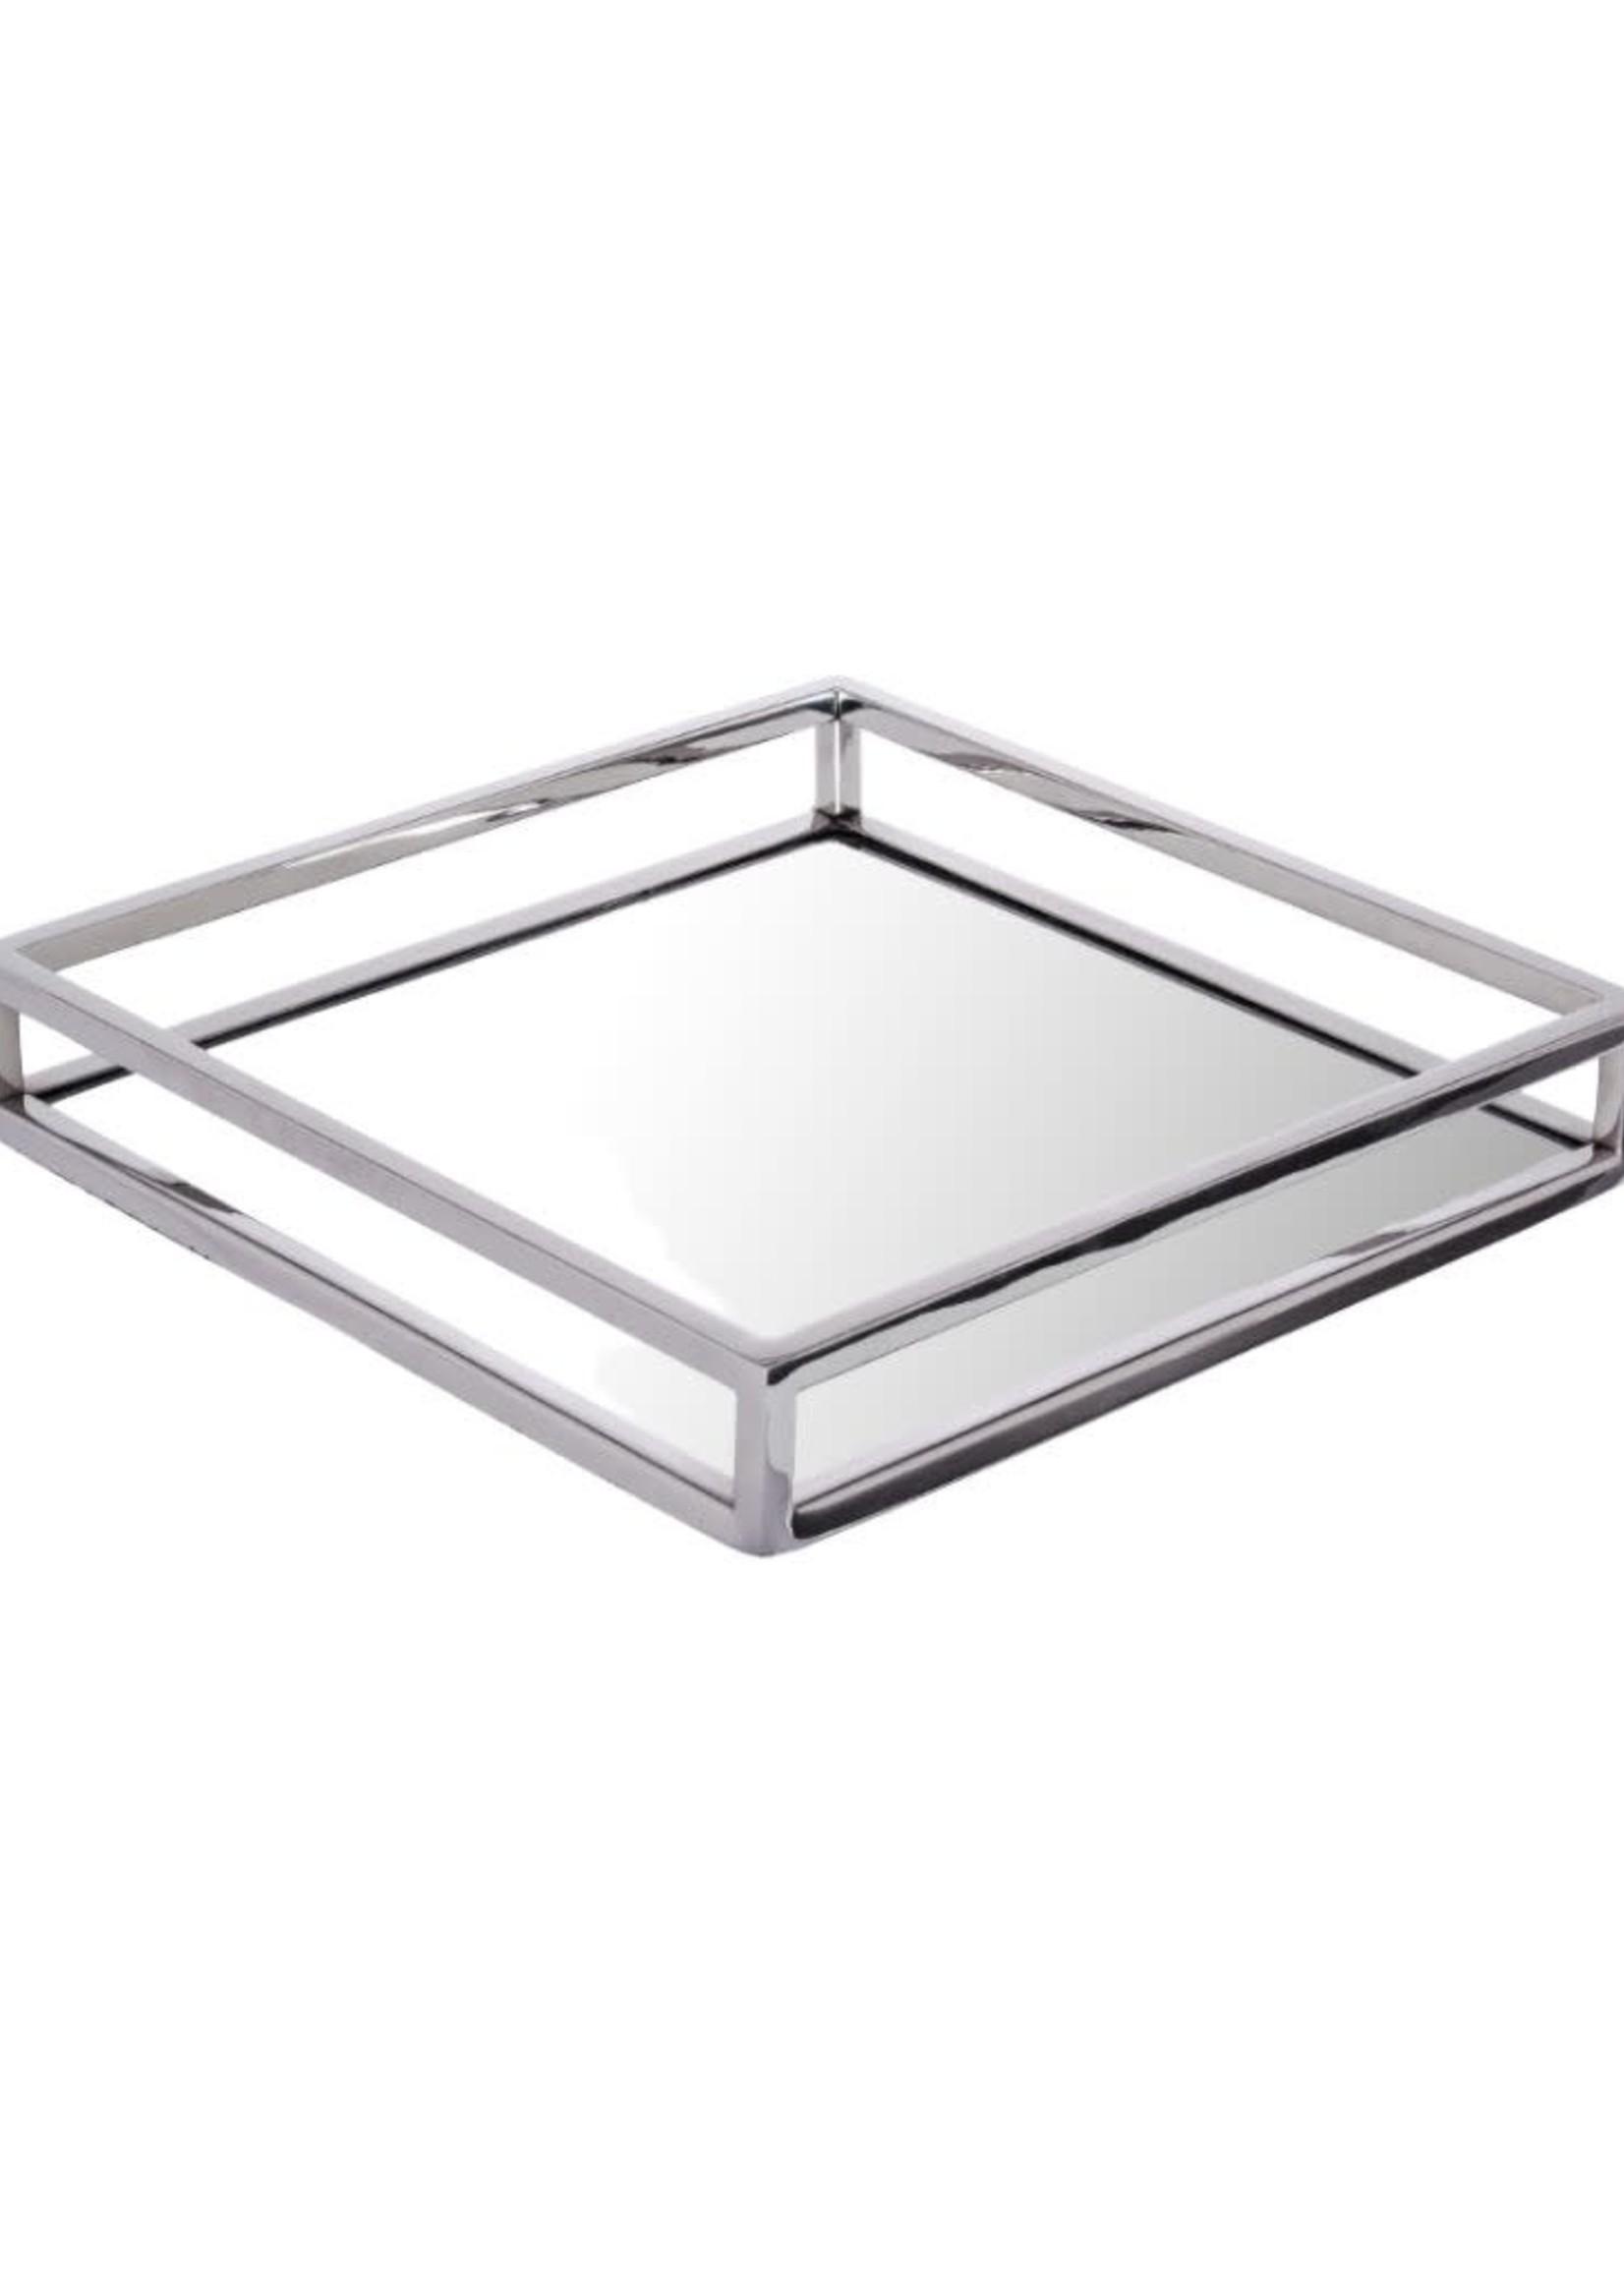 Square Mirror Tray